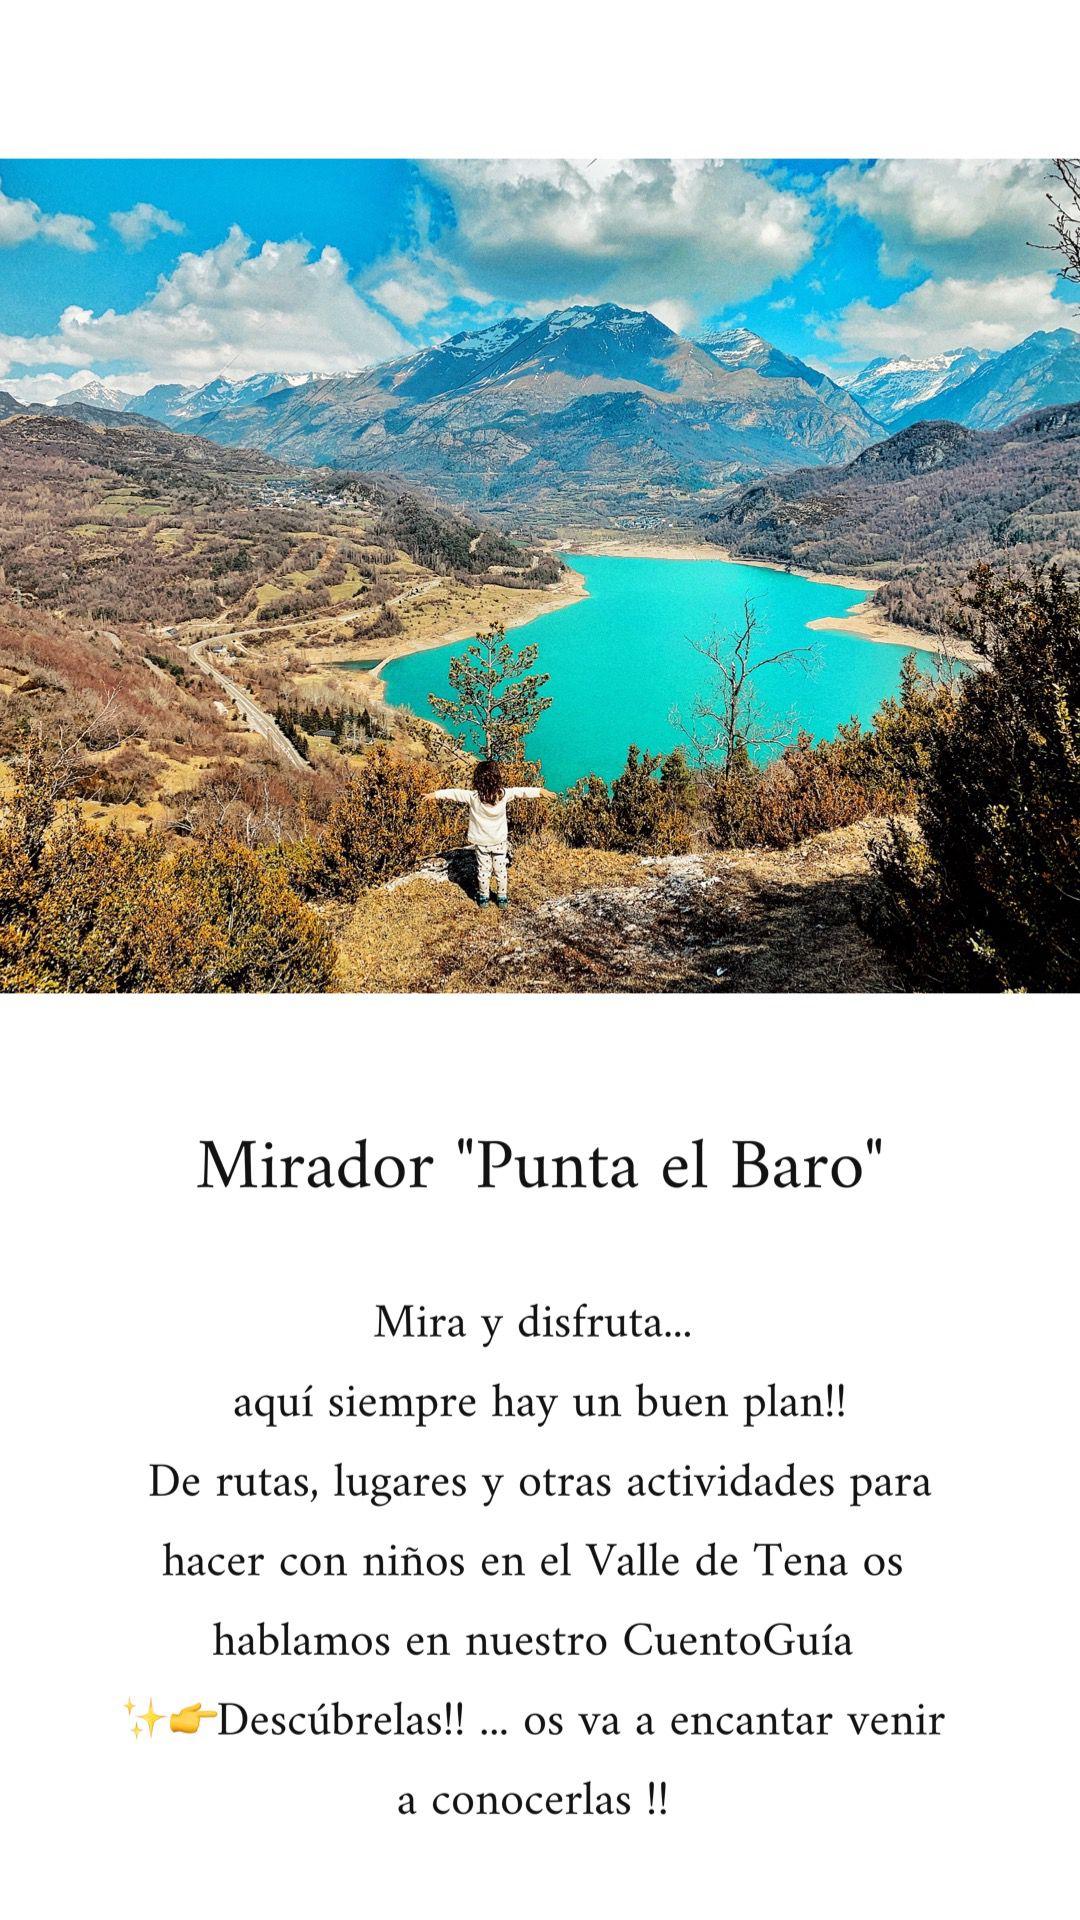 Mirador Punta El Baro Piedrafita De Jaca Valle De Tena Actividades Acuáticas Valle Miradores